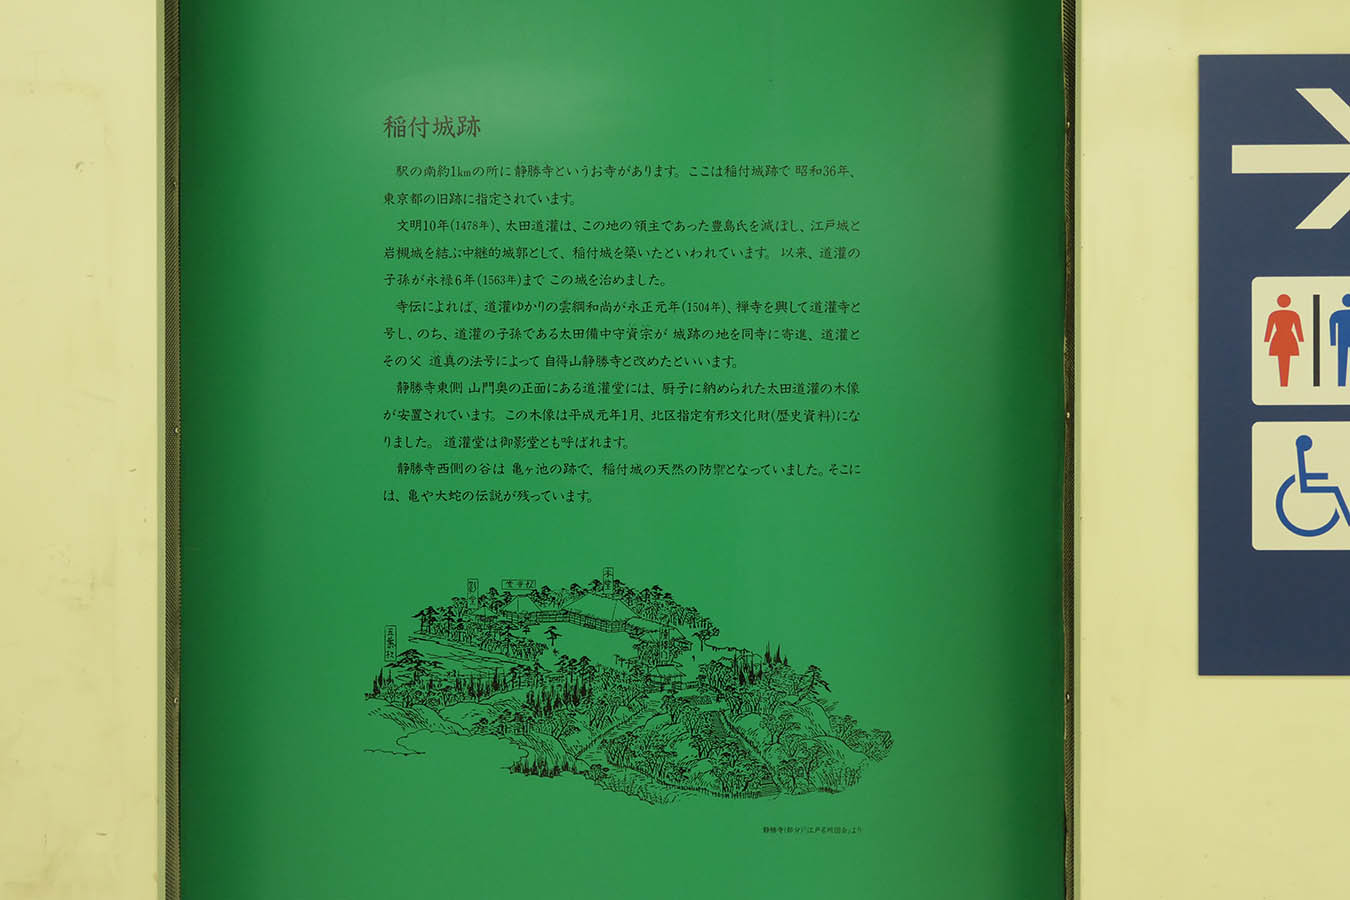 N19_photo06a.jpg